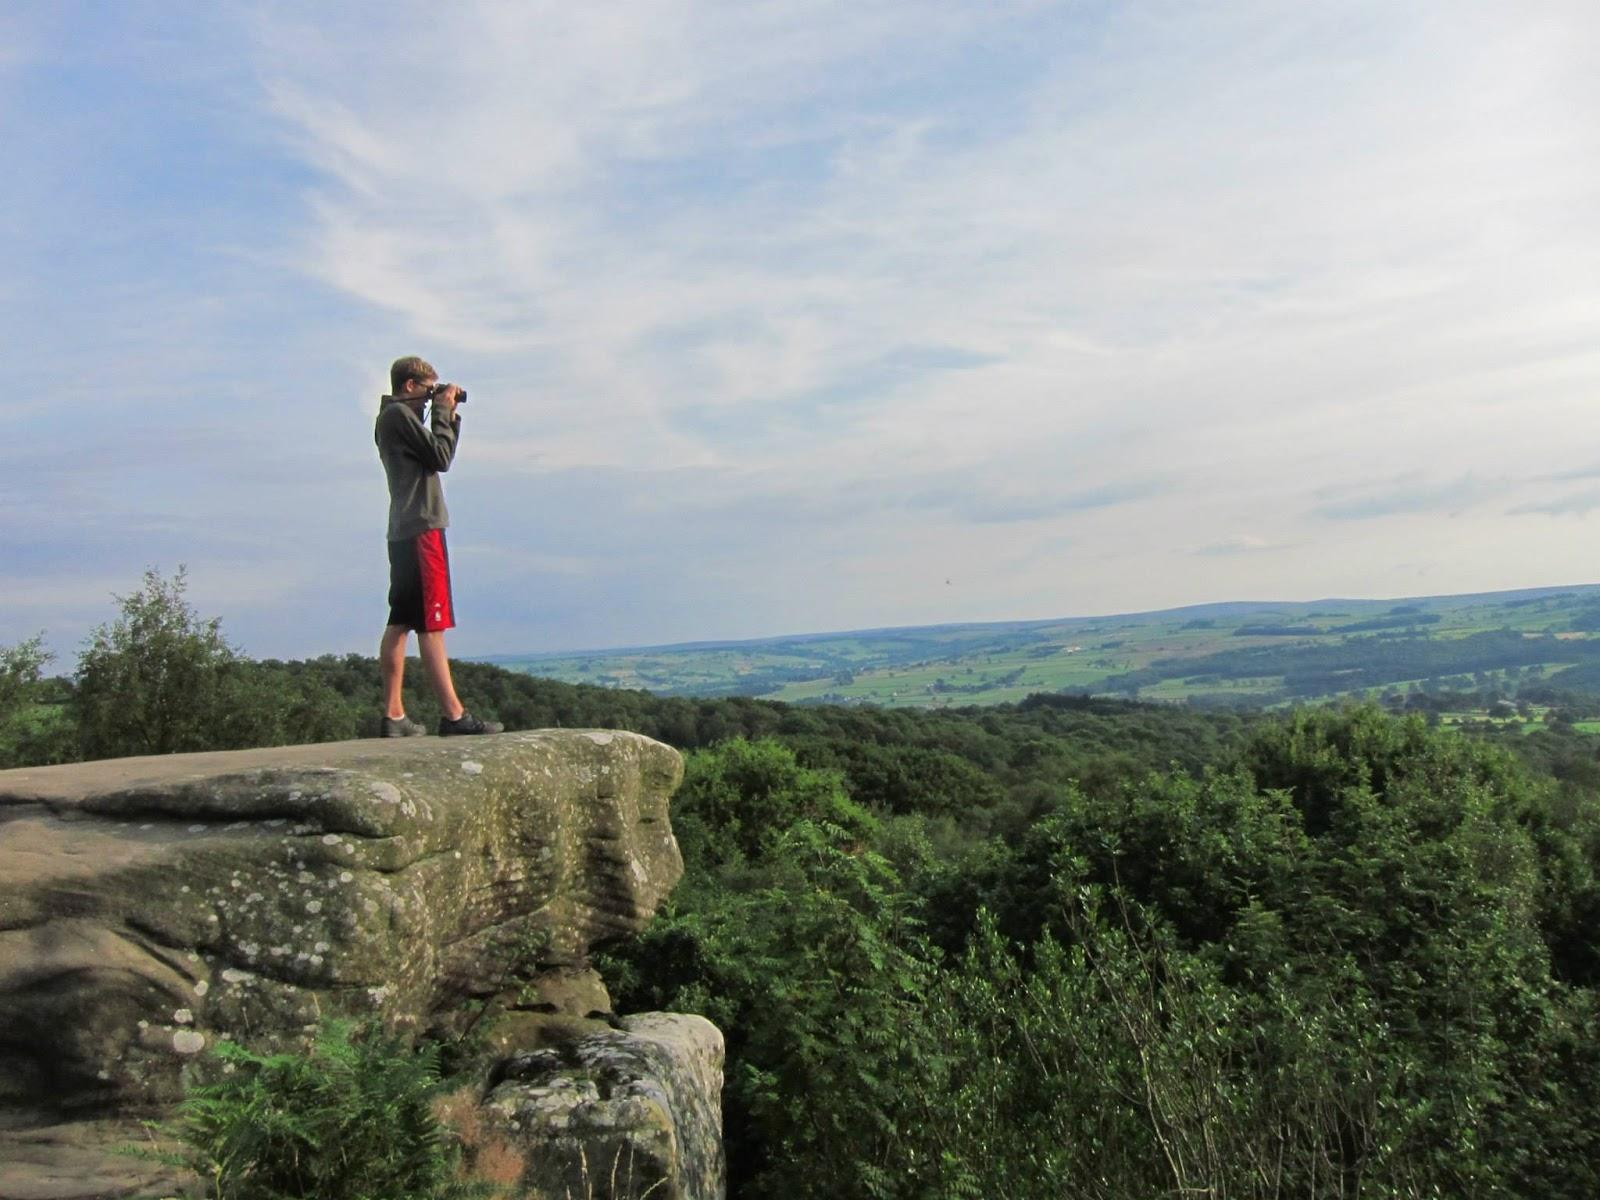 Joven sobre una roca oteando el paraje con unos prismáticos.